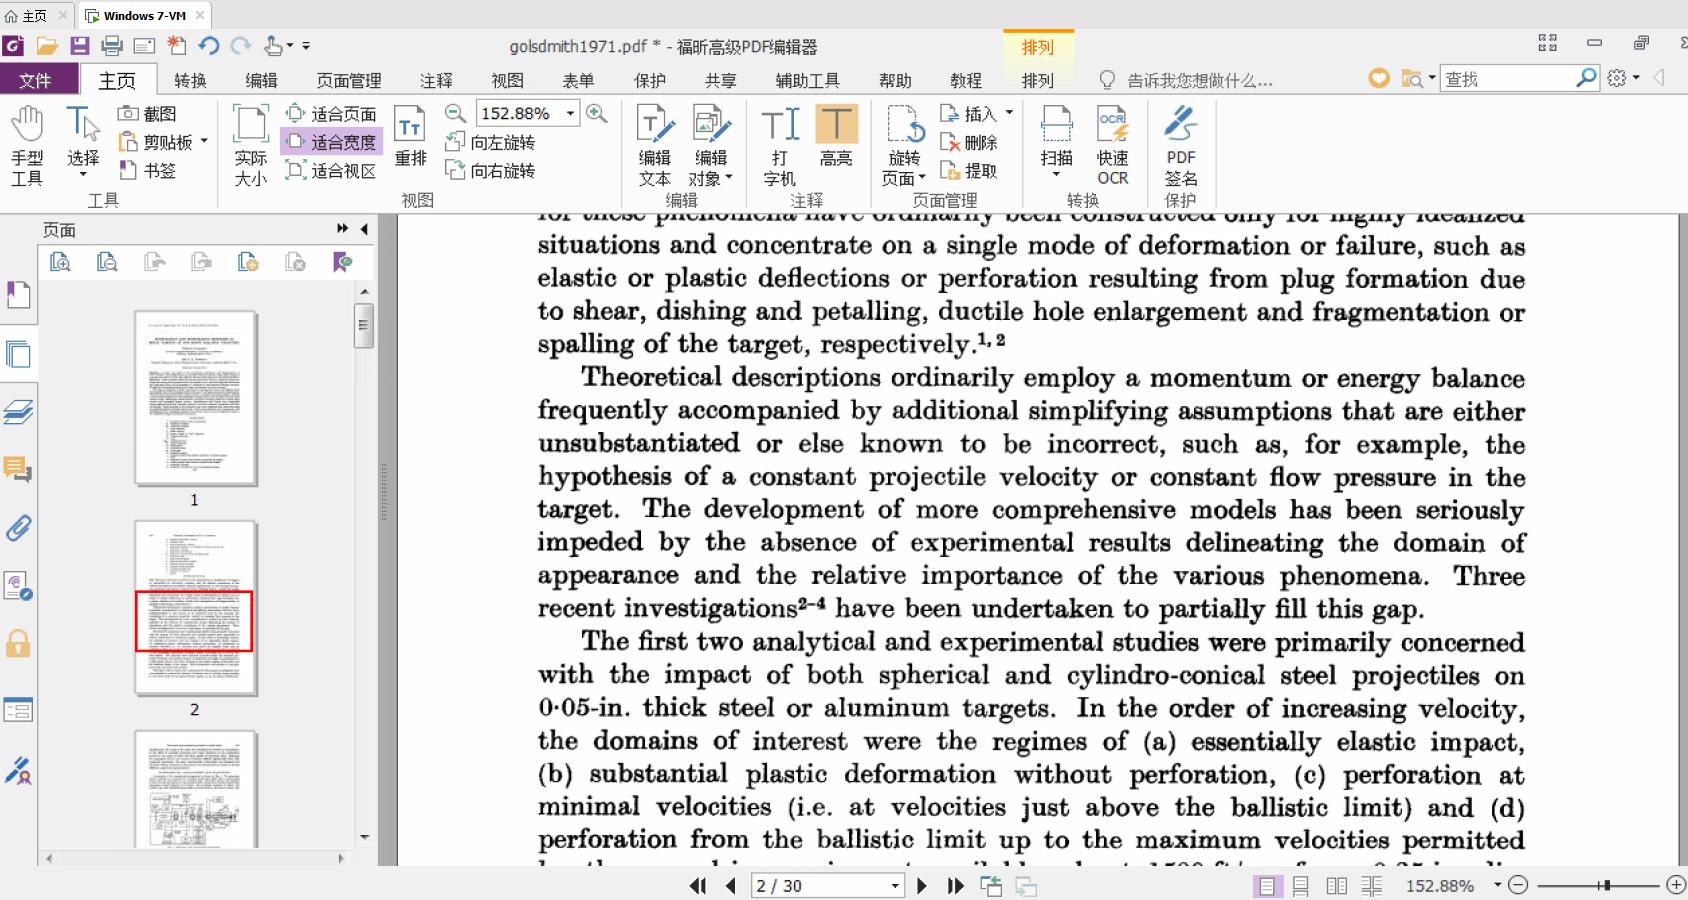 福昕高级PDF编辑器企业版 v9 绿色精简版